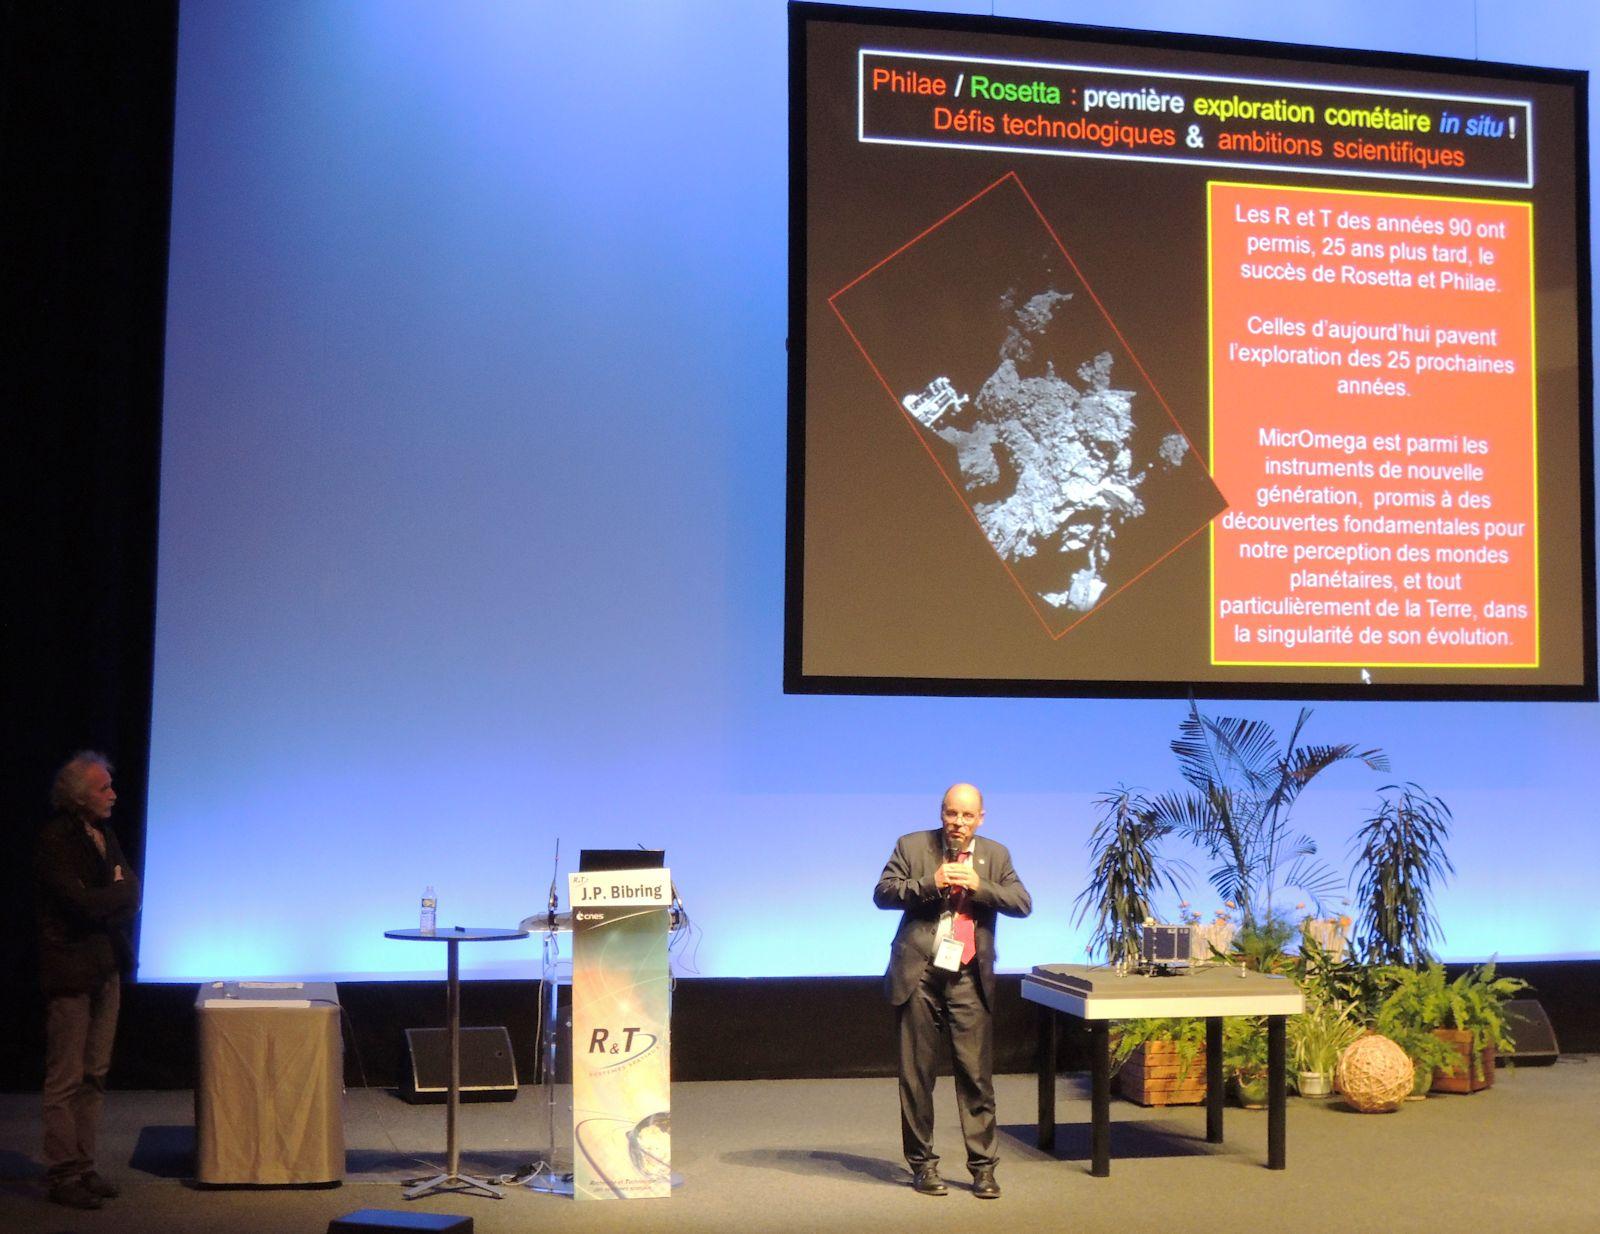 CNES - Journées R et T - Marc Pircher - Jean-Pierre Bibring - R&T et préparation du futur - Conférence Philae Rosetta - IAS